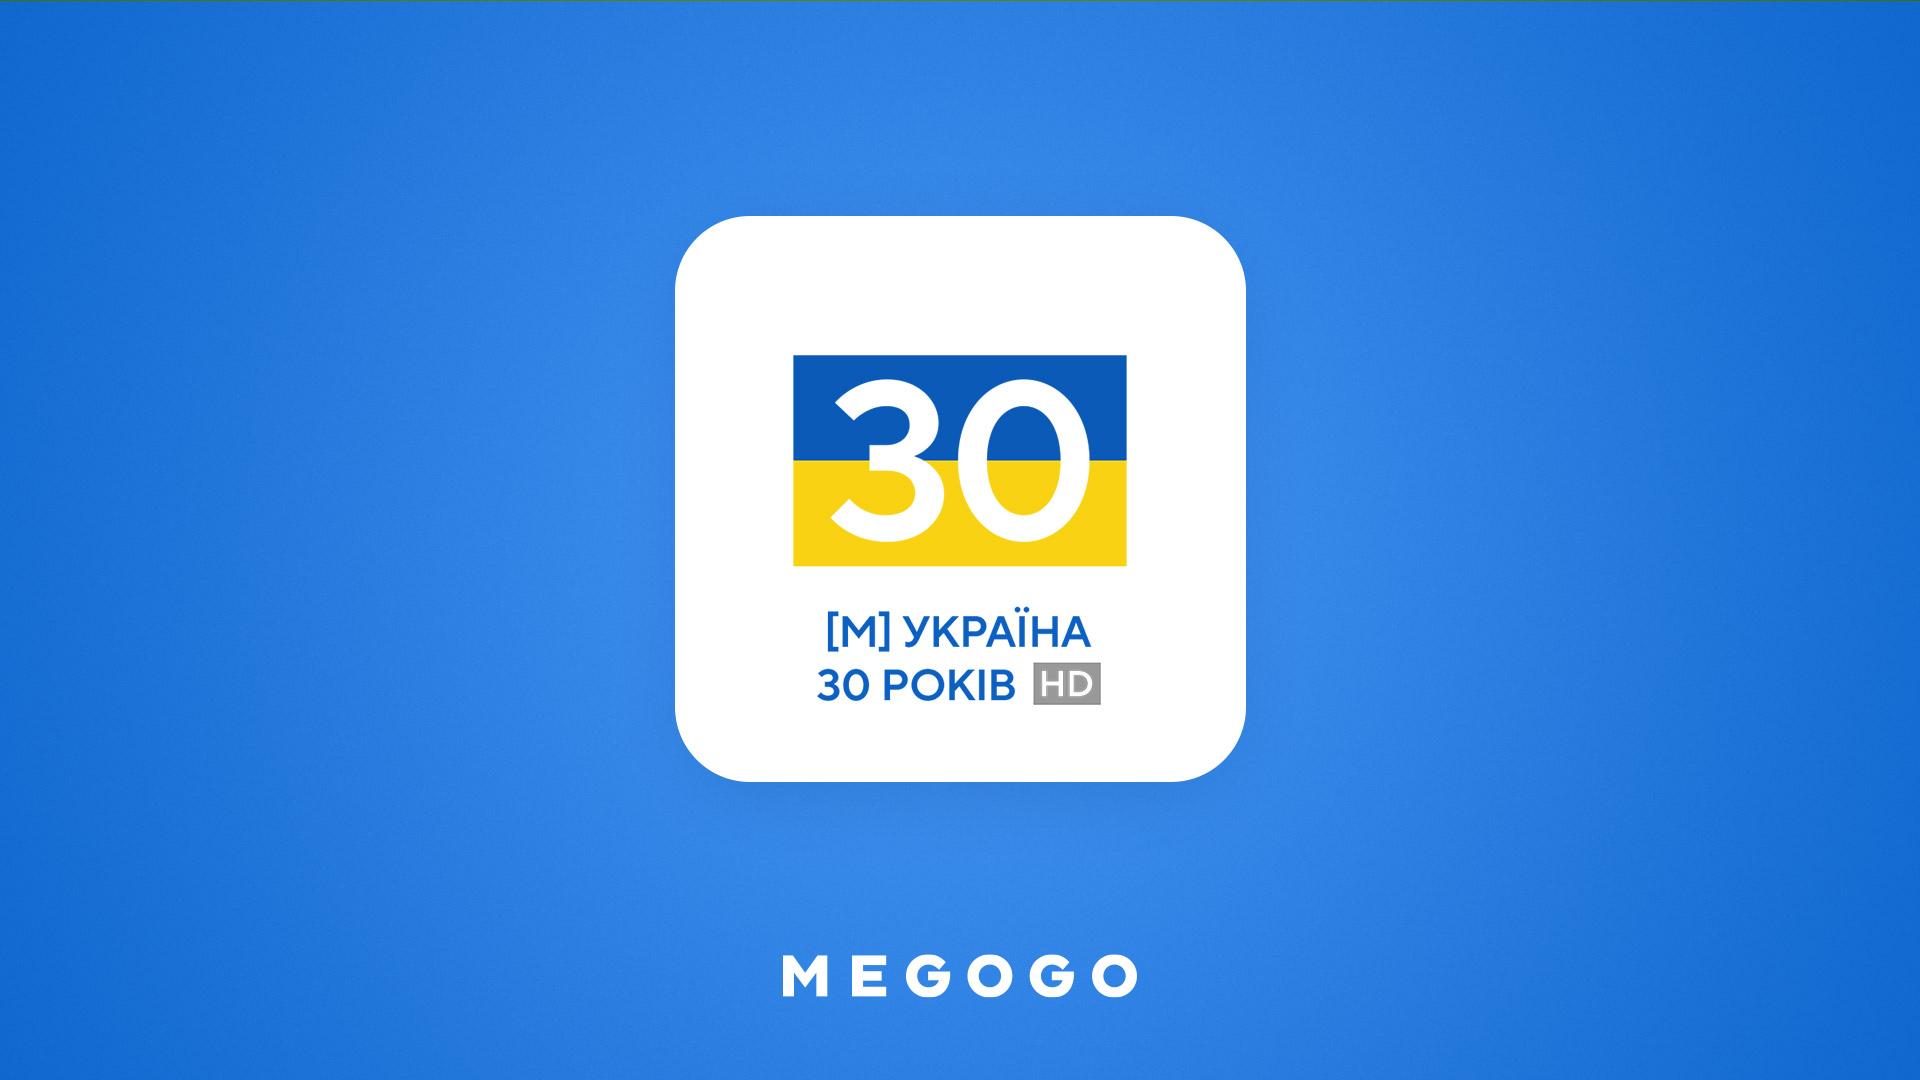 30 років в кіно: MEGOGO запустив канал із кінострічками, створеними за роки української незалежності